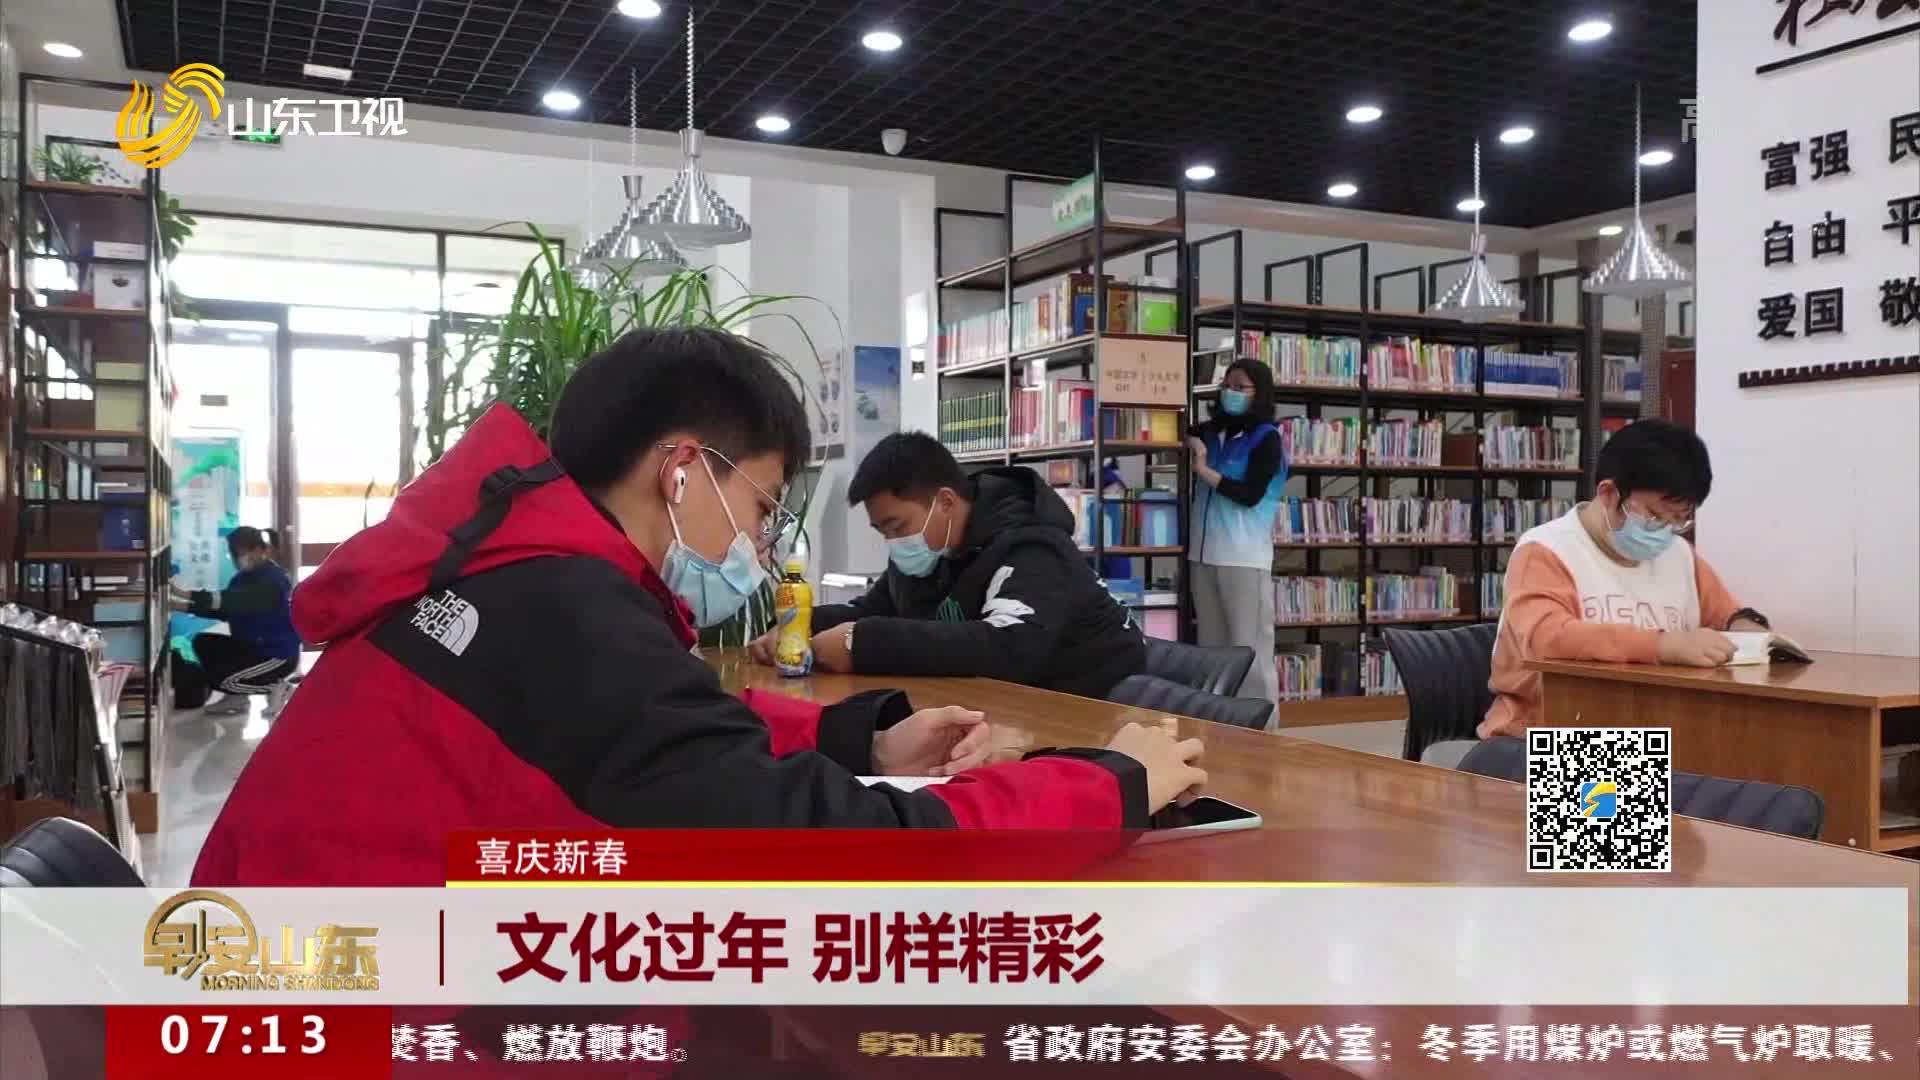 【喜庆新春】文化过年 别样精彩